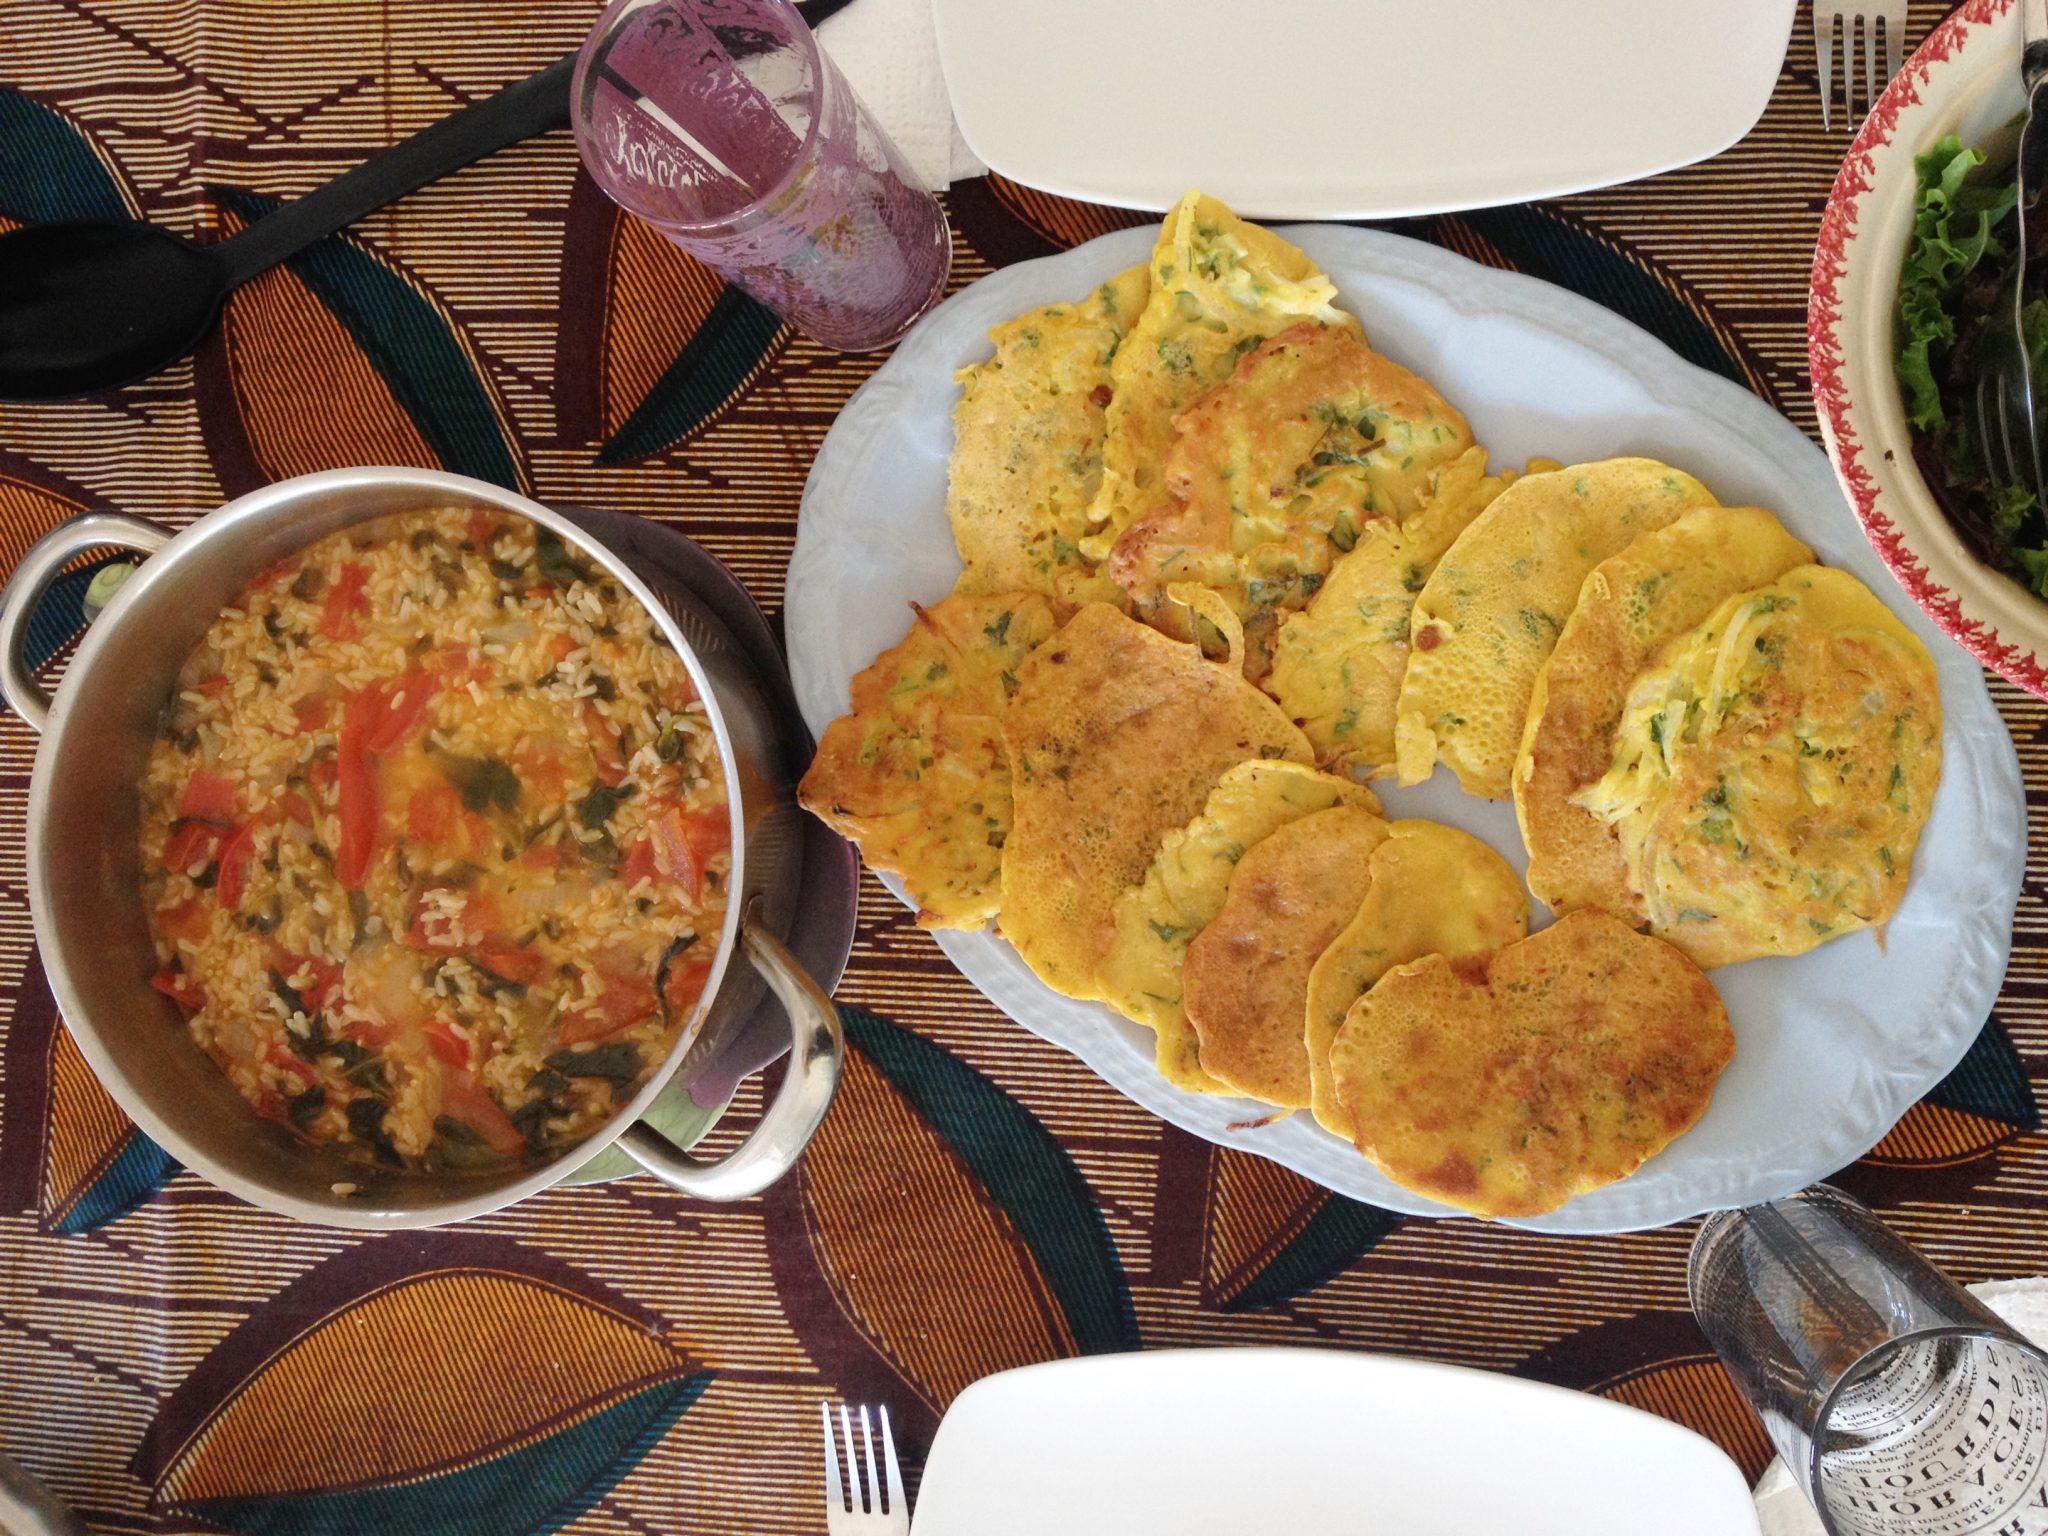 Pataniscas com o seu mui malandro arroz integral de tomate e beldroegas